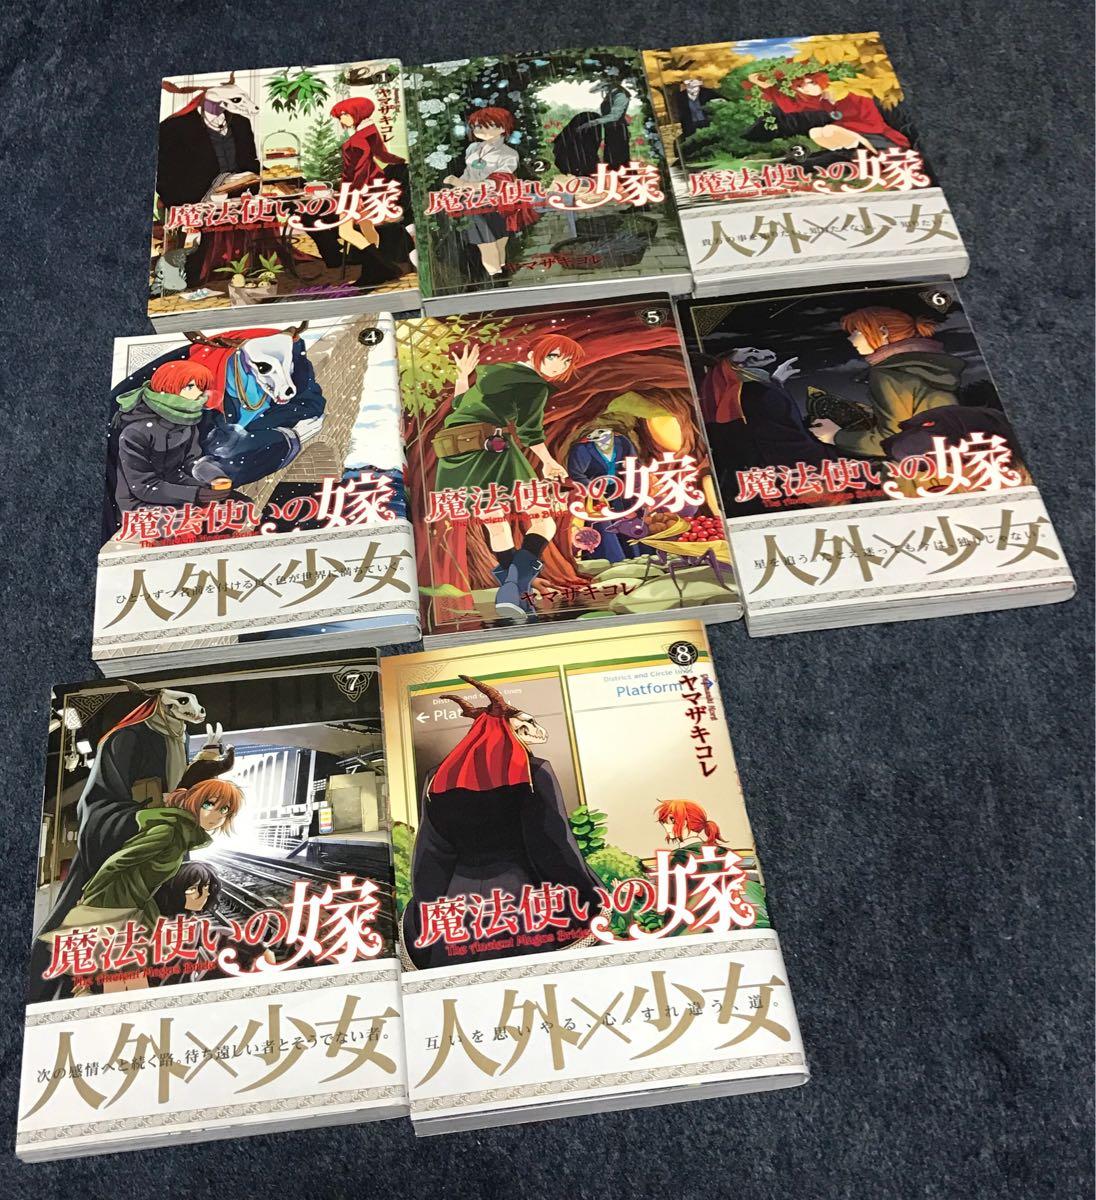 本 book ヤマザキコレ 魔法使いの嫁 1~8巻 美品中古 初版 帯有り ゆうメール発送